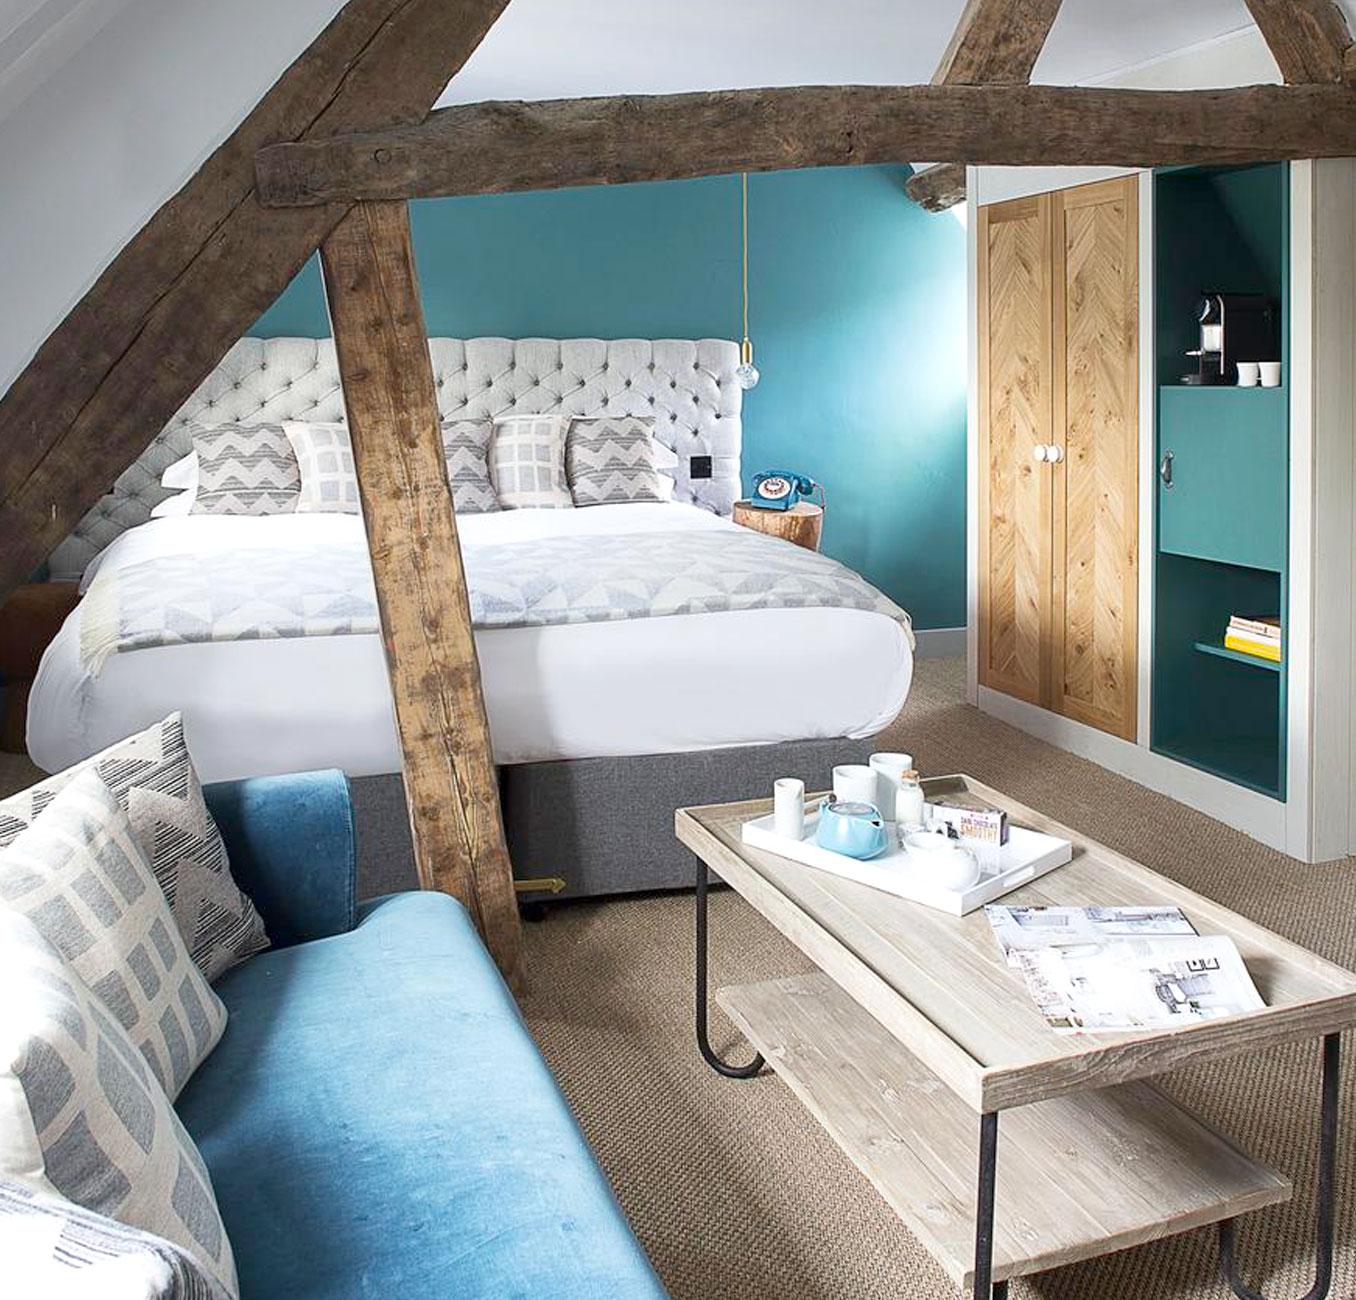 Old-Stock-Inn Hotel Room